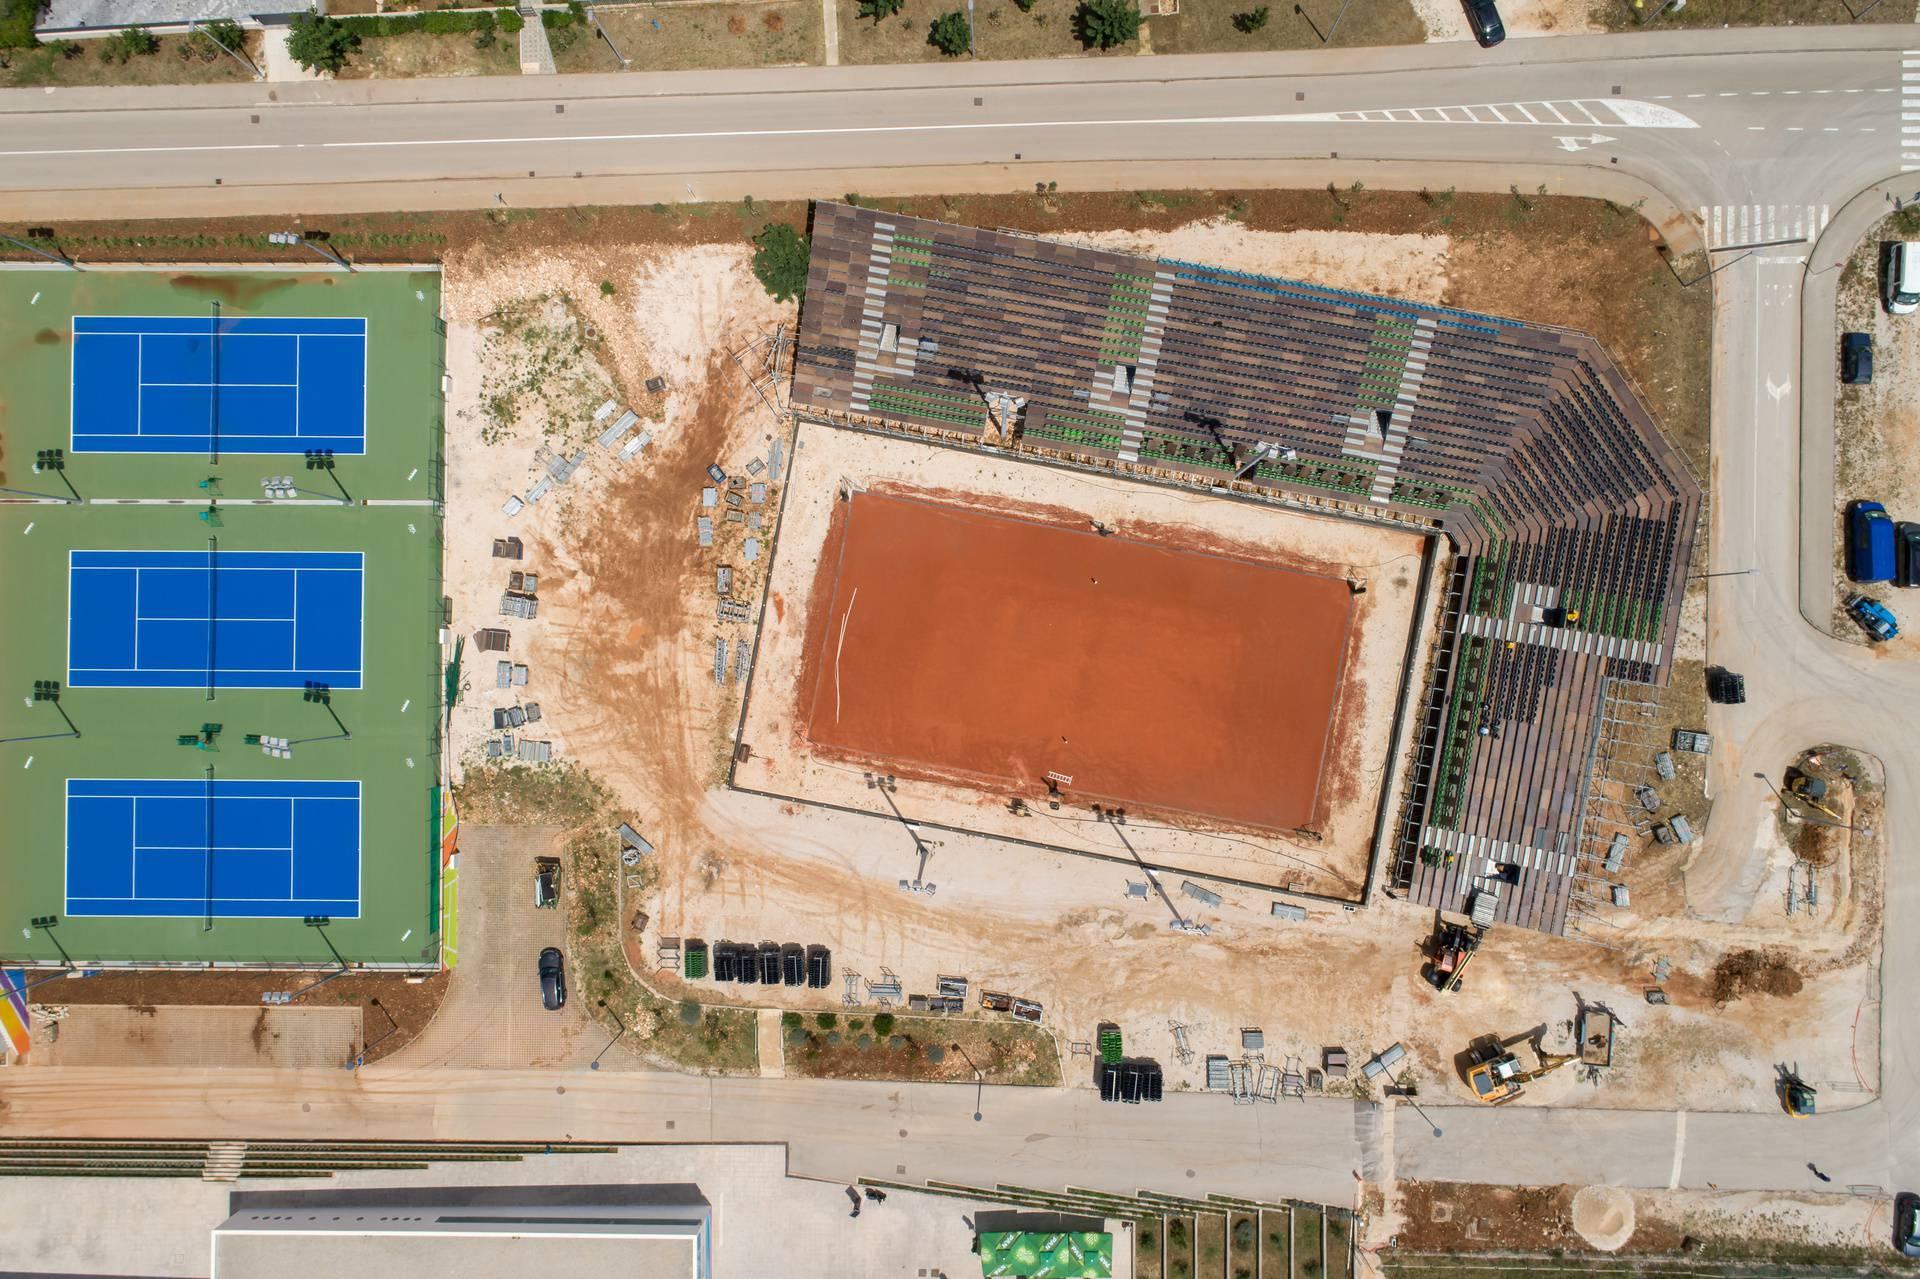 Zadar: Pogled iz zraka na radove montažne tribine na Višnjiku